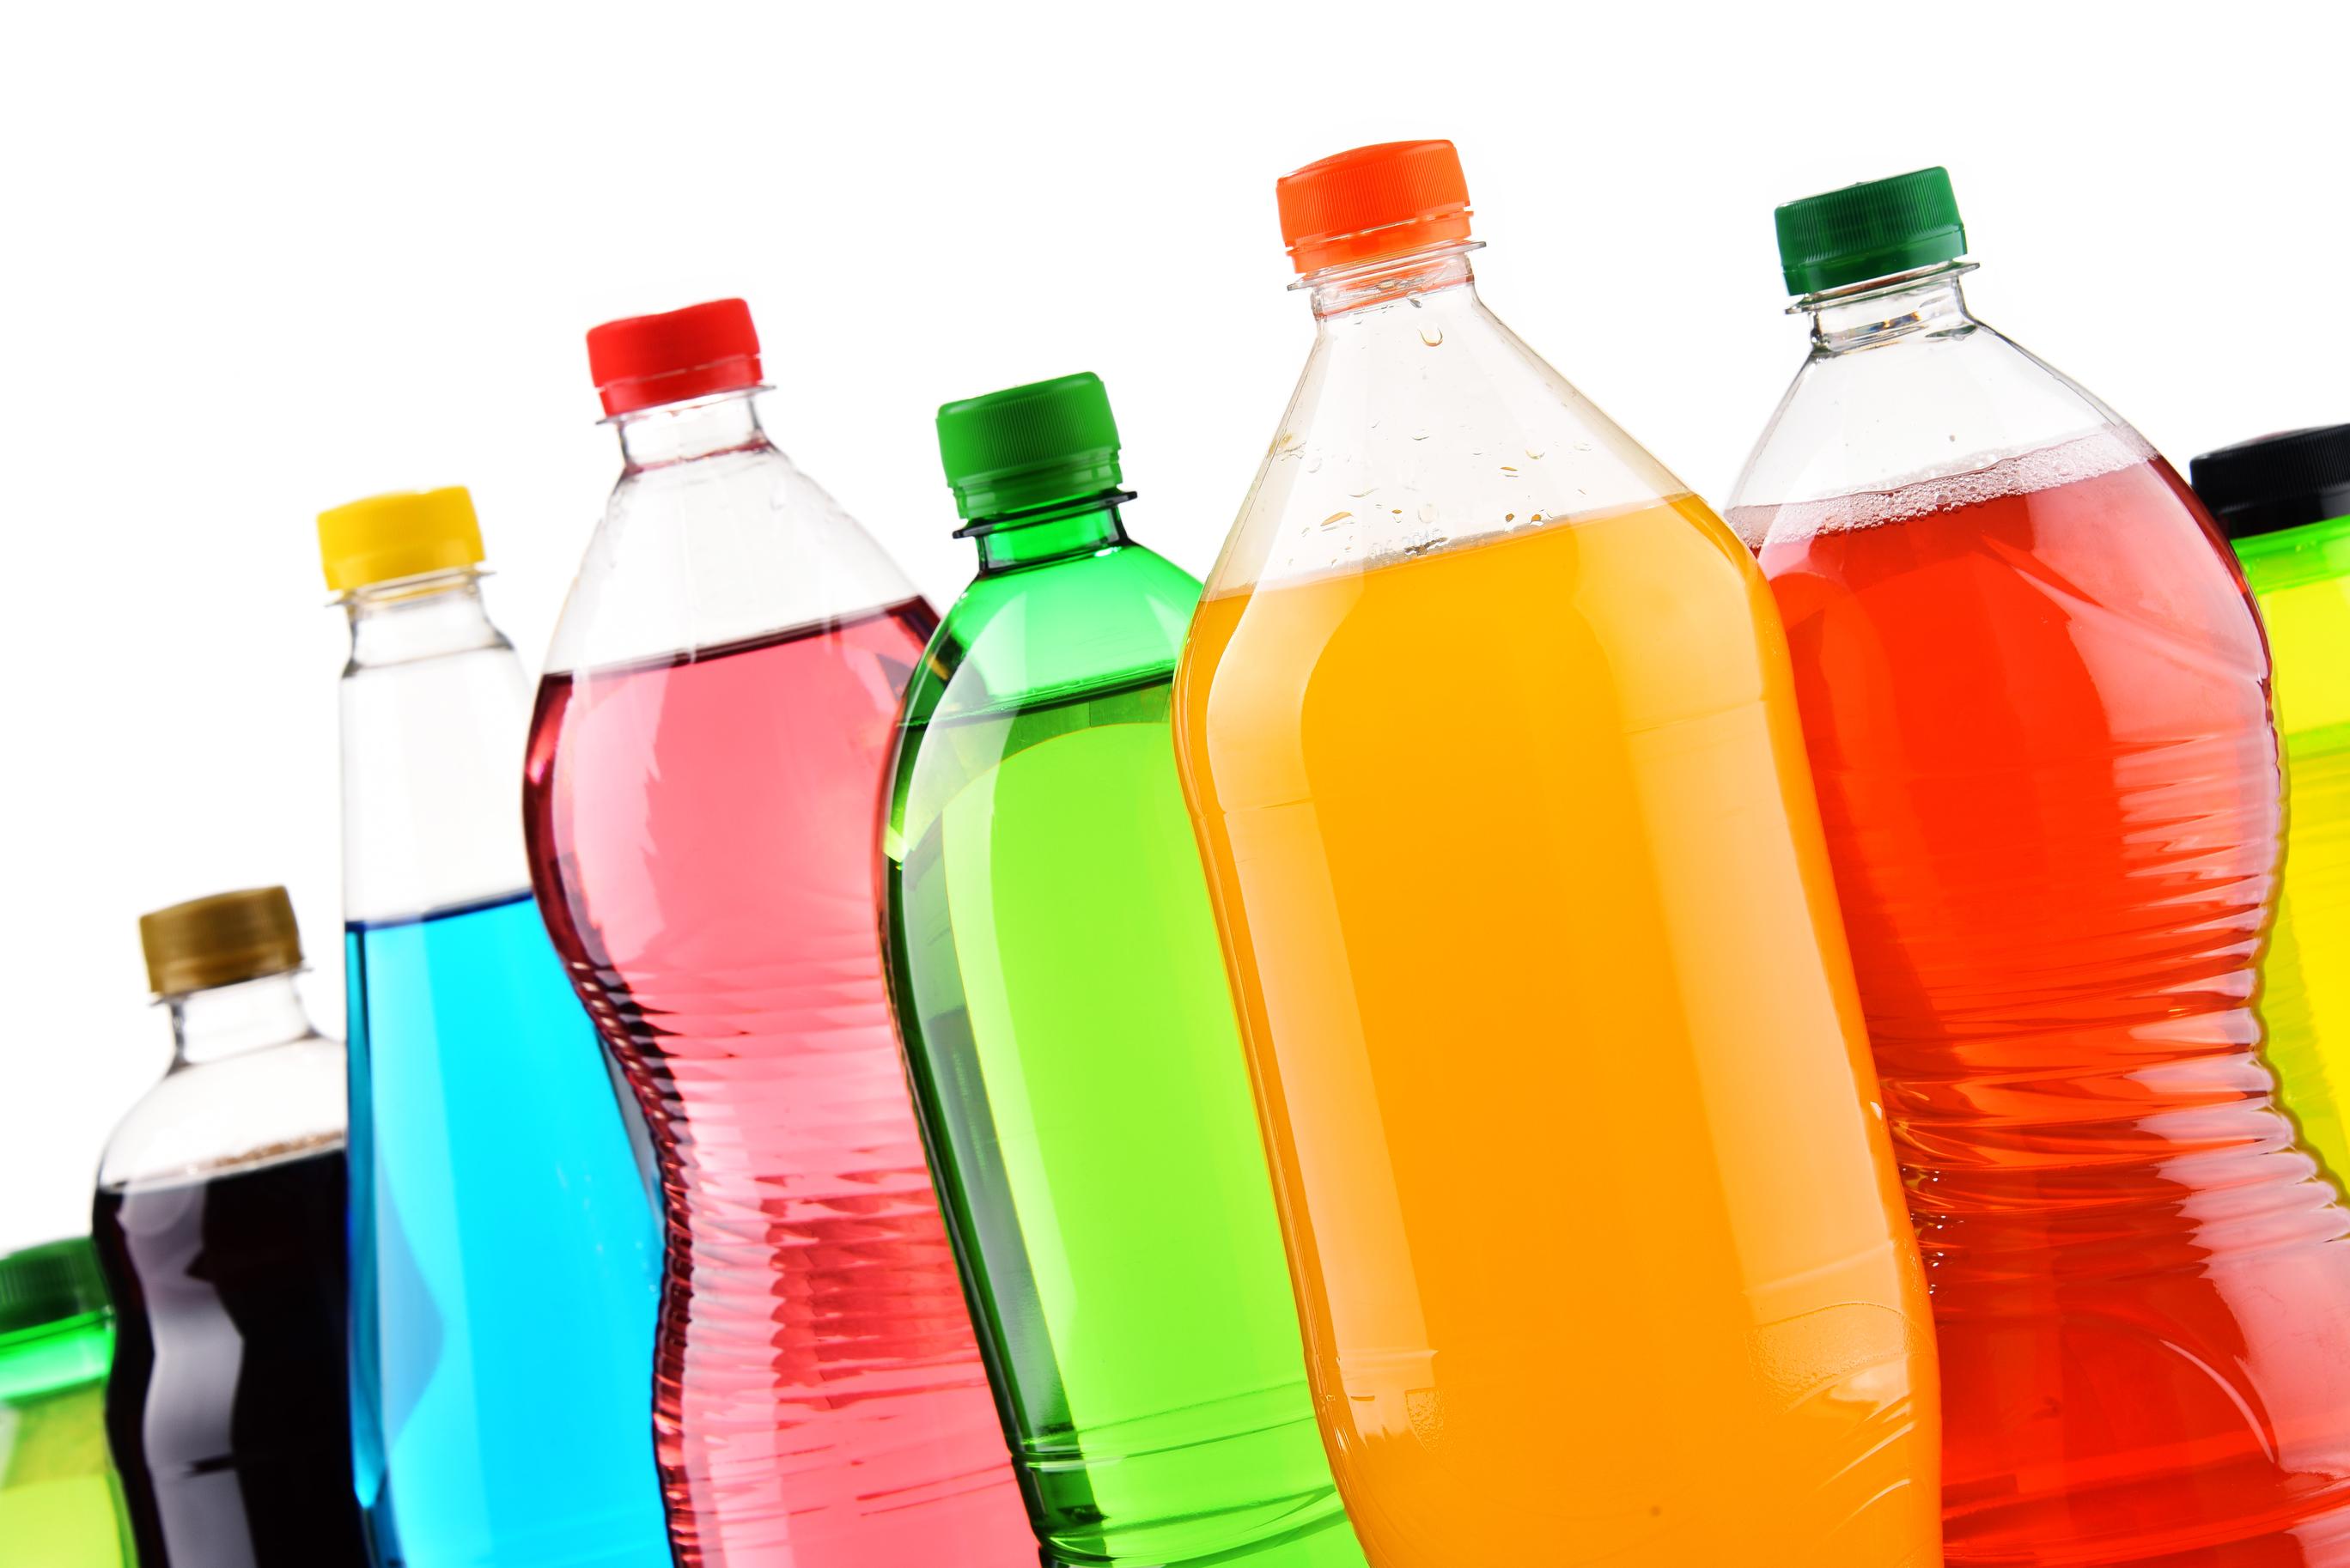 Αναψυκτικά που περιέχουν ζάχαρη